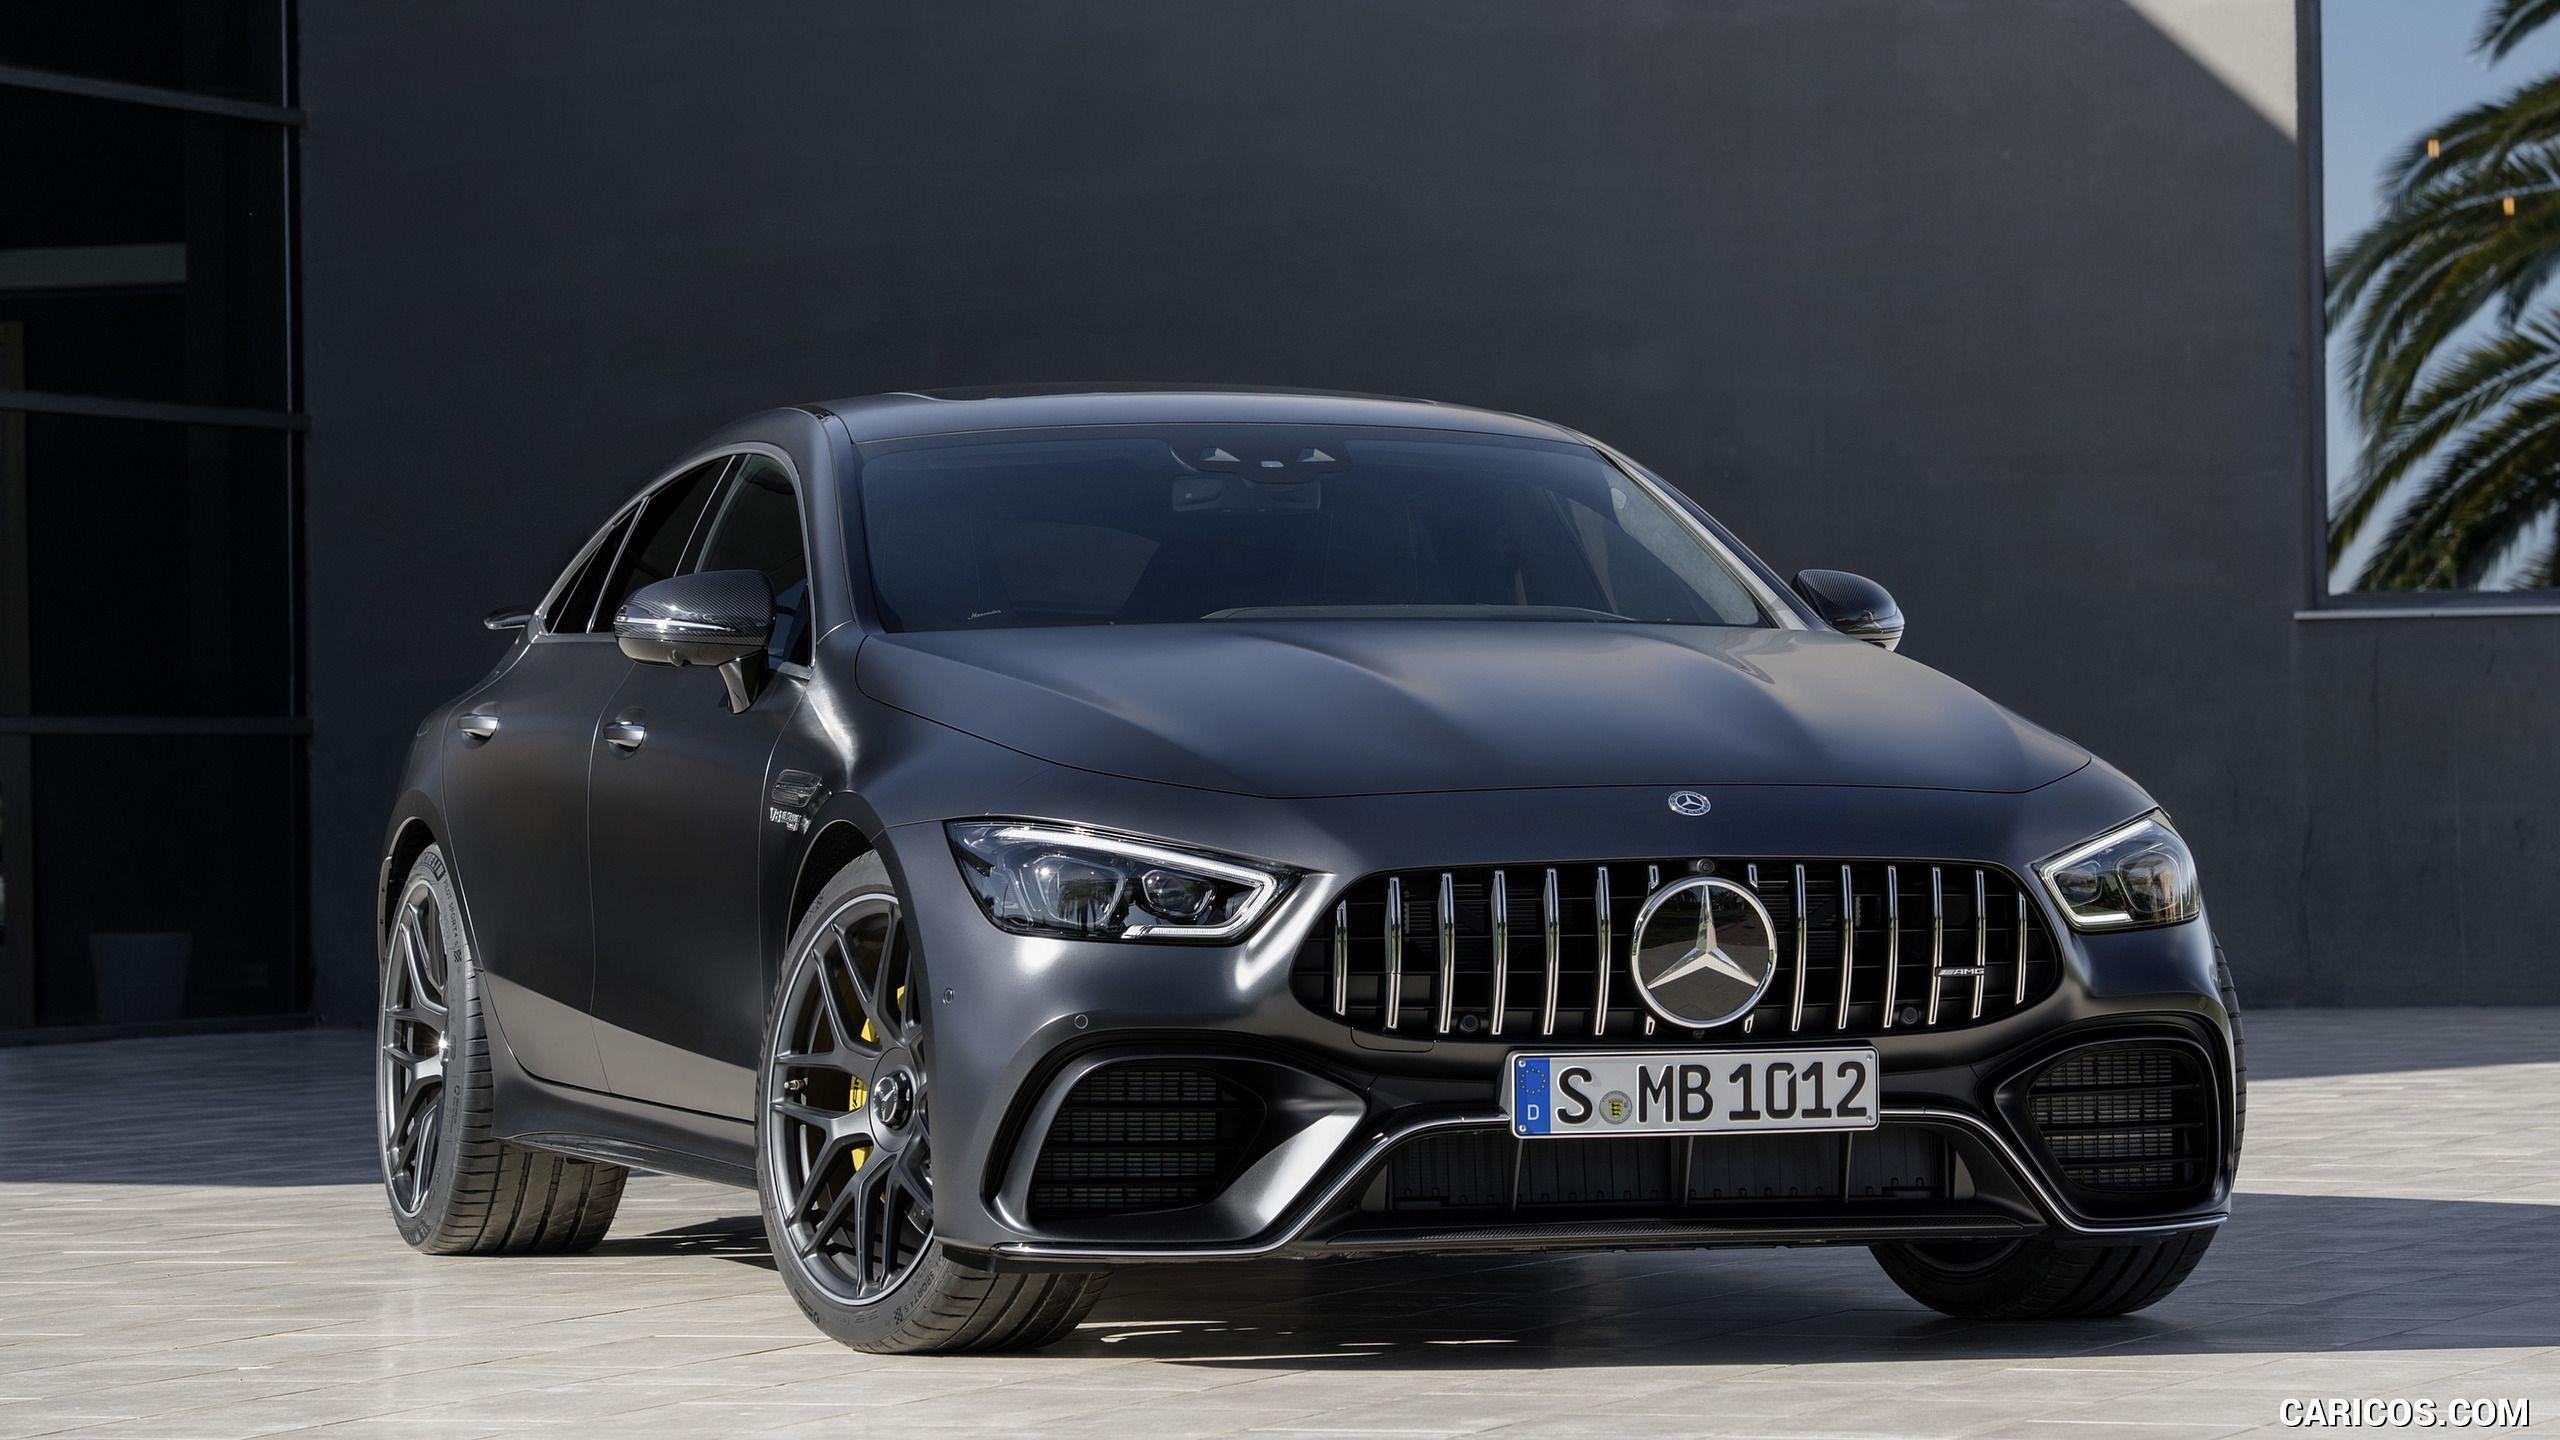 Next Stop Pinterest Mercedes Amg Mercedes Benz Amg Sports Cars Luxury